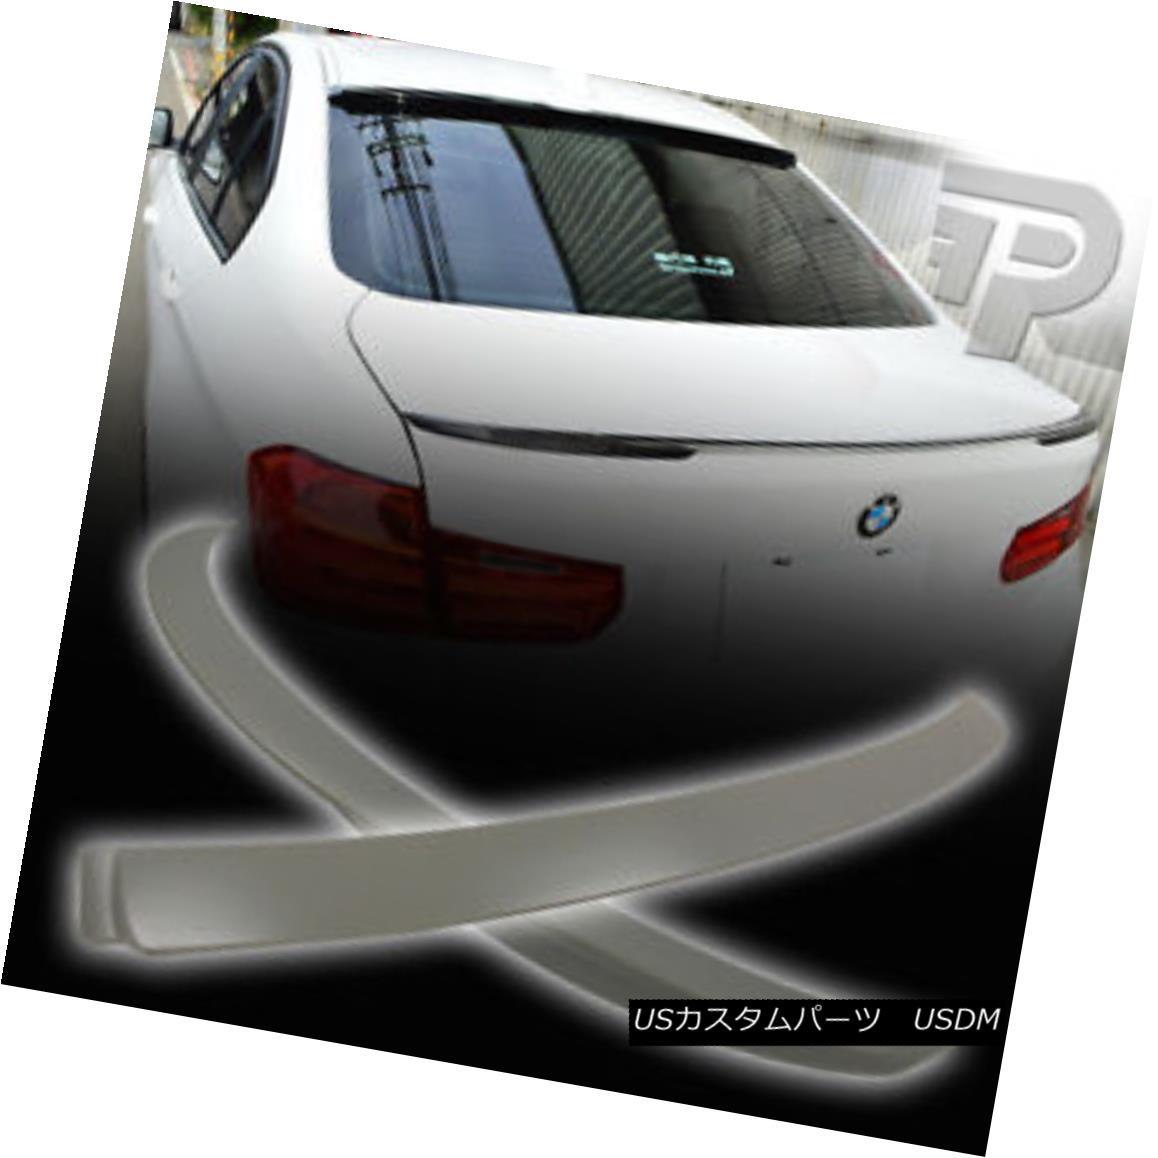 エアロパーツ BMW 3-SERIES F30 A TYPE REAR WINDOW ROOF & PERFORMANCE P TRUNK WING SPOILER ▼ BMW 3シリーズF30 Aタイプリアウィンドウルーフ& パフォーマンスP TRUNK WING SPOILER?